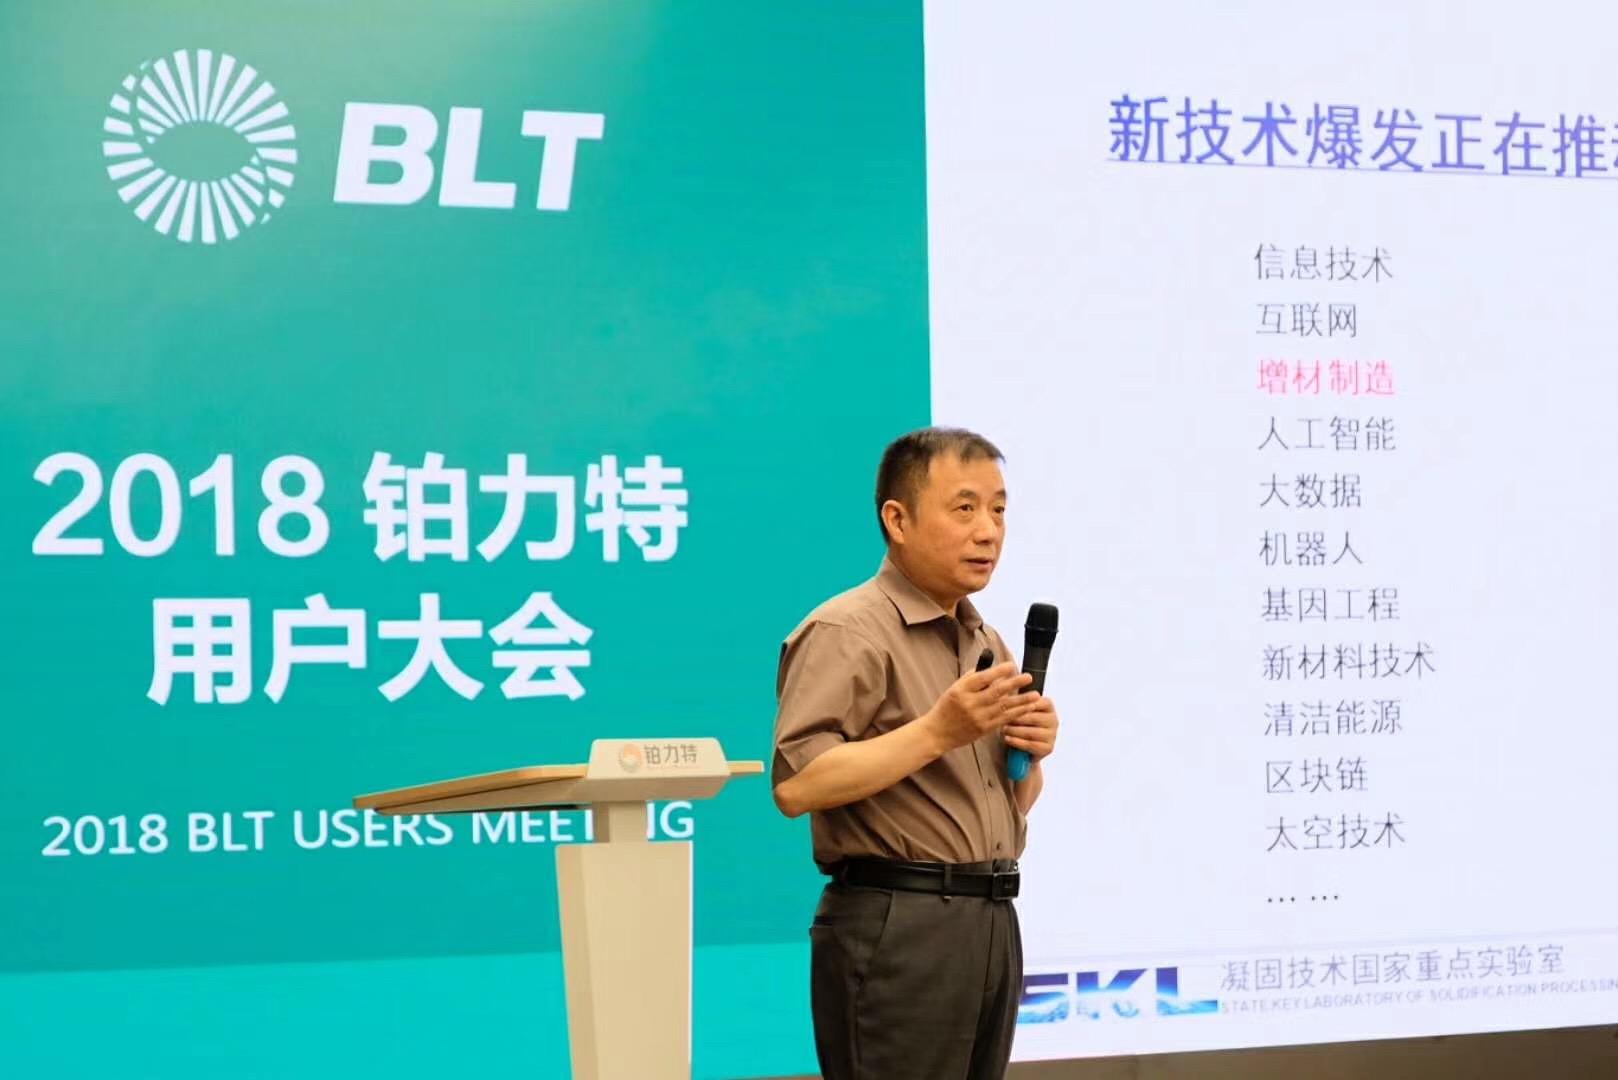 BLT Huang Weidong